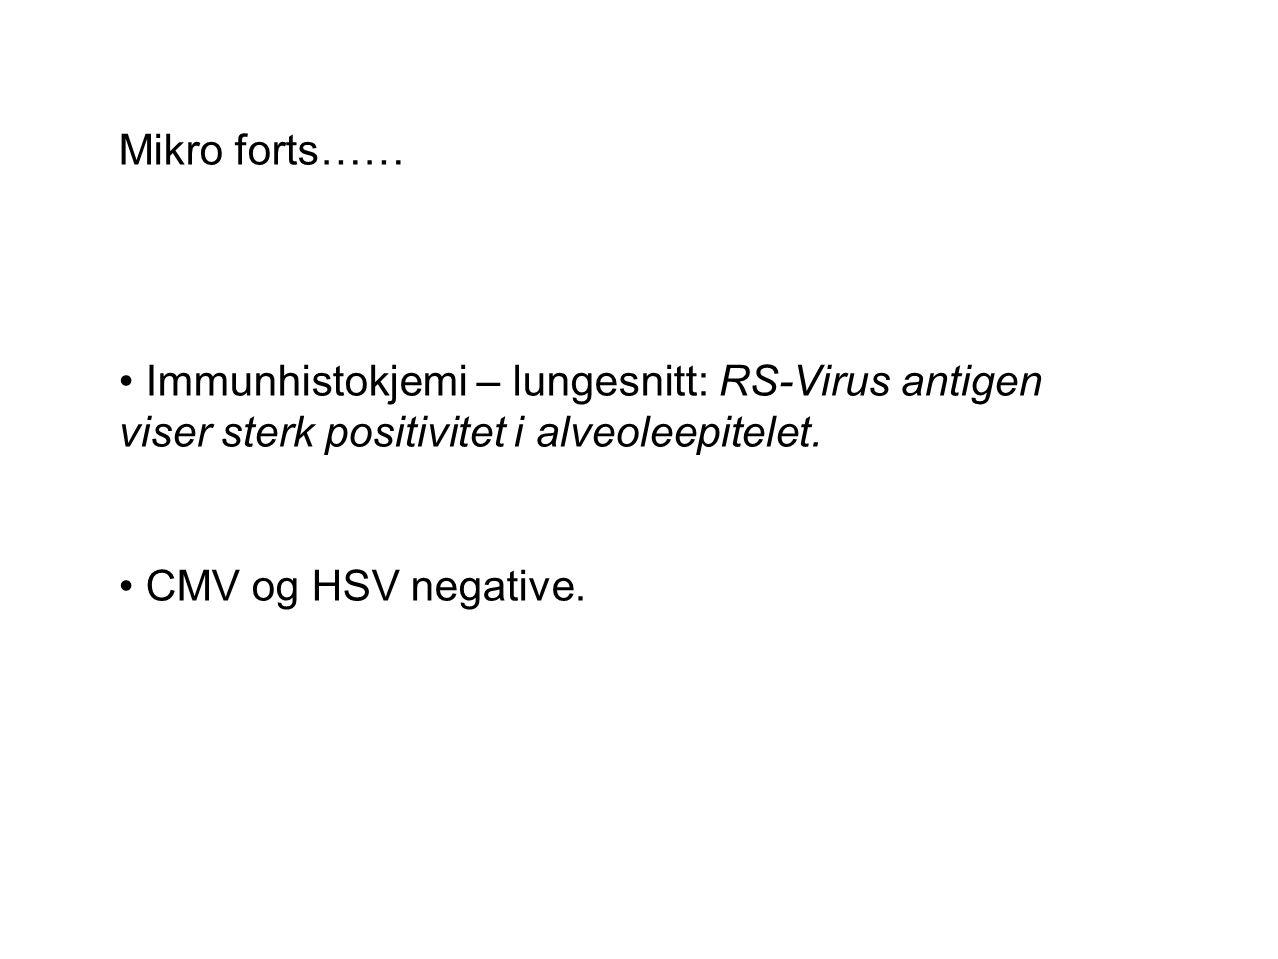 Mikro forts…… Immunhistokjemi – lungesnitt: RS-Virus antigen viser sterk positivitet i alveoleepitelet.